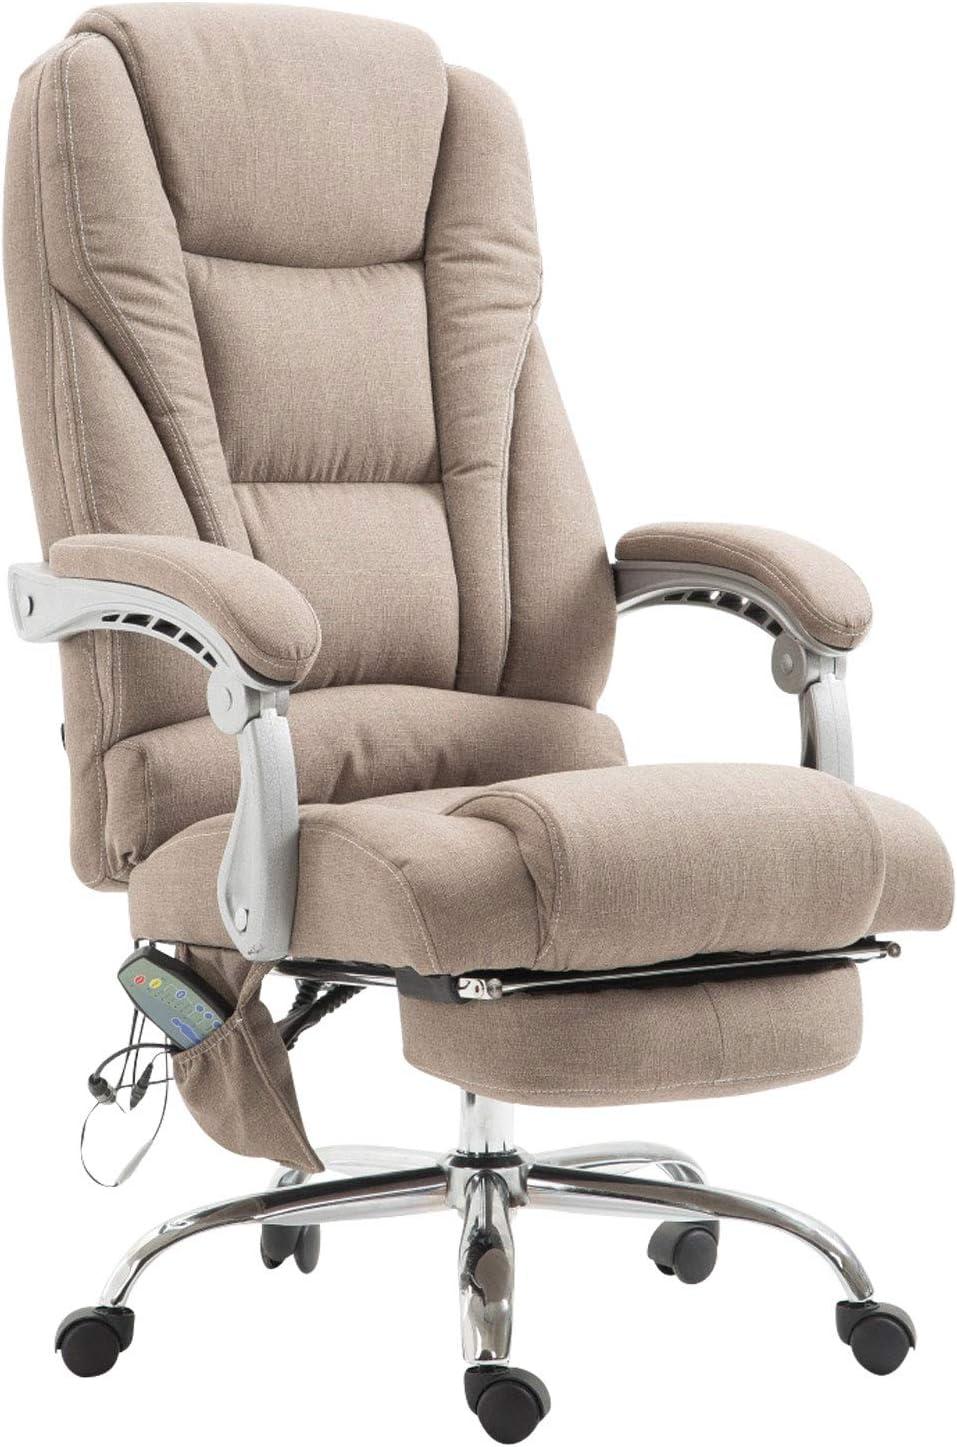 Fauteuil de Bureau Pacific Tissu avec Fonction de Massage I Chaise de Bureau à Roulette Réglable en Hauteur I Fauteuil Ergonomique avec Repo, Couleurs:crème Taupe